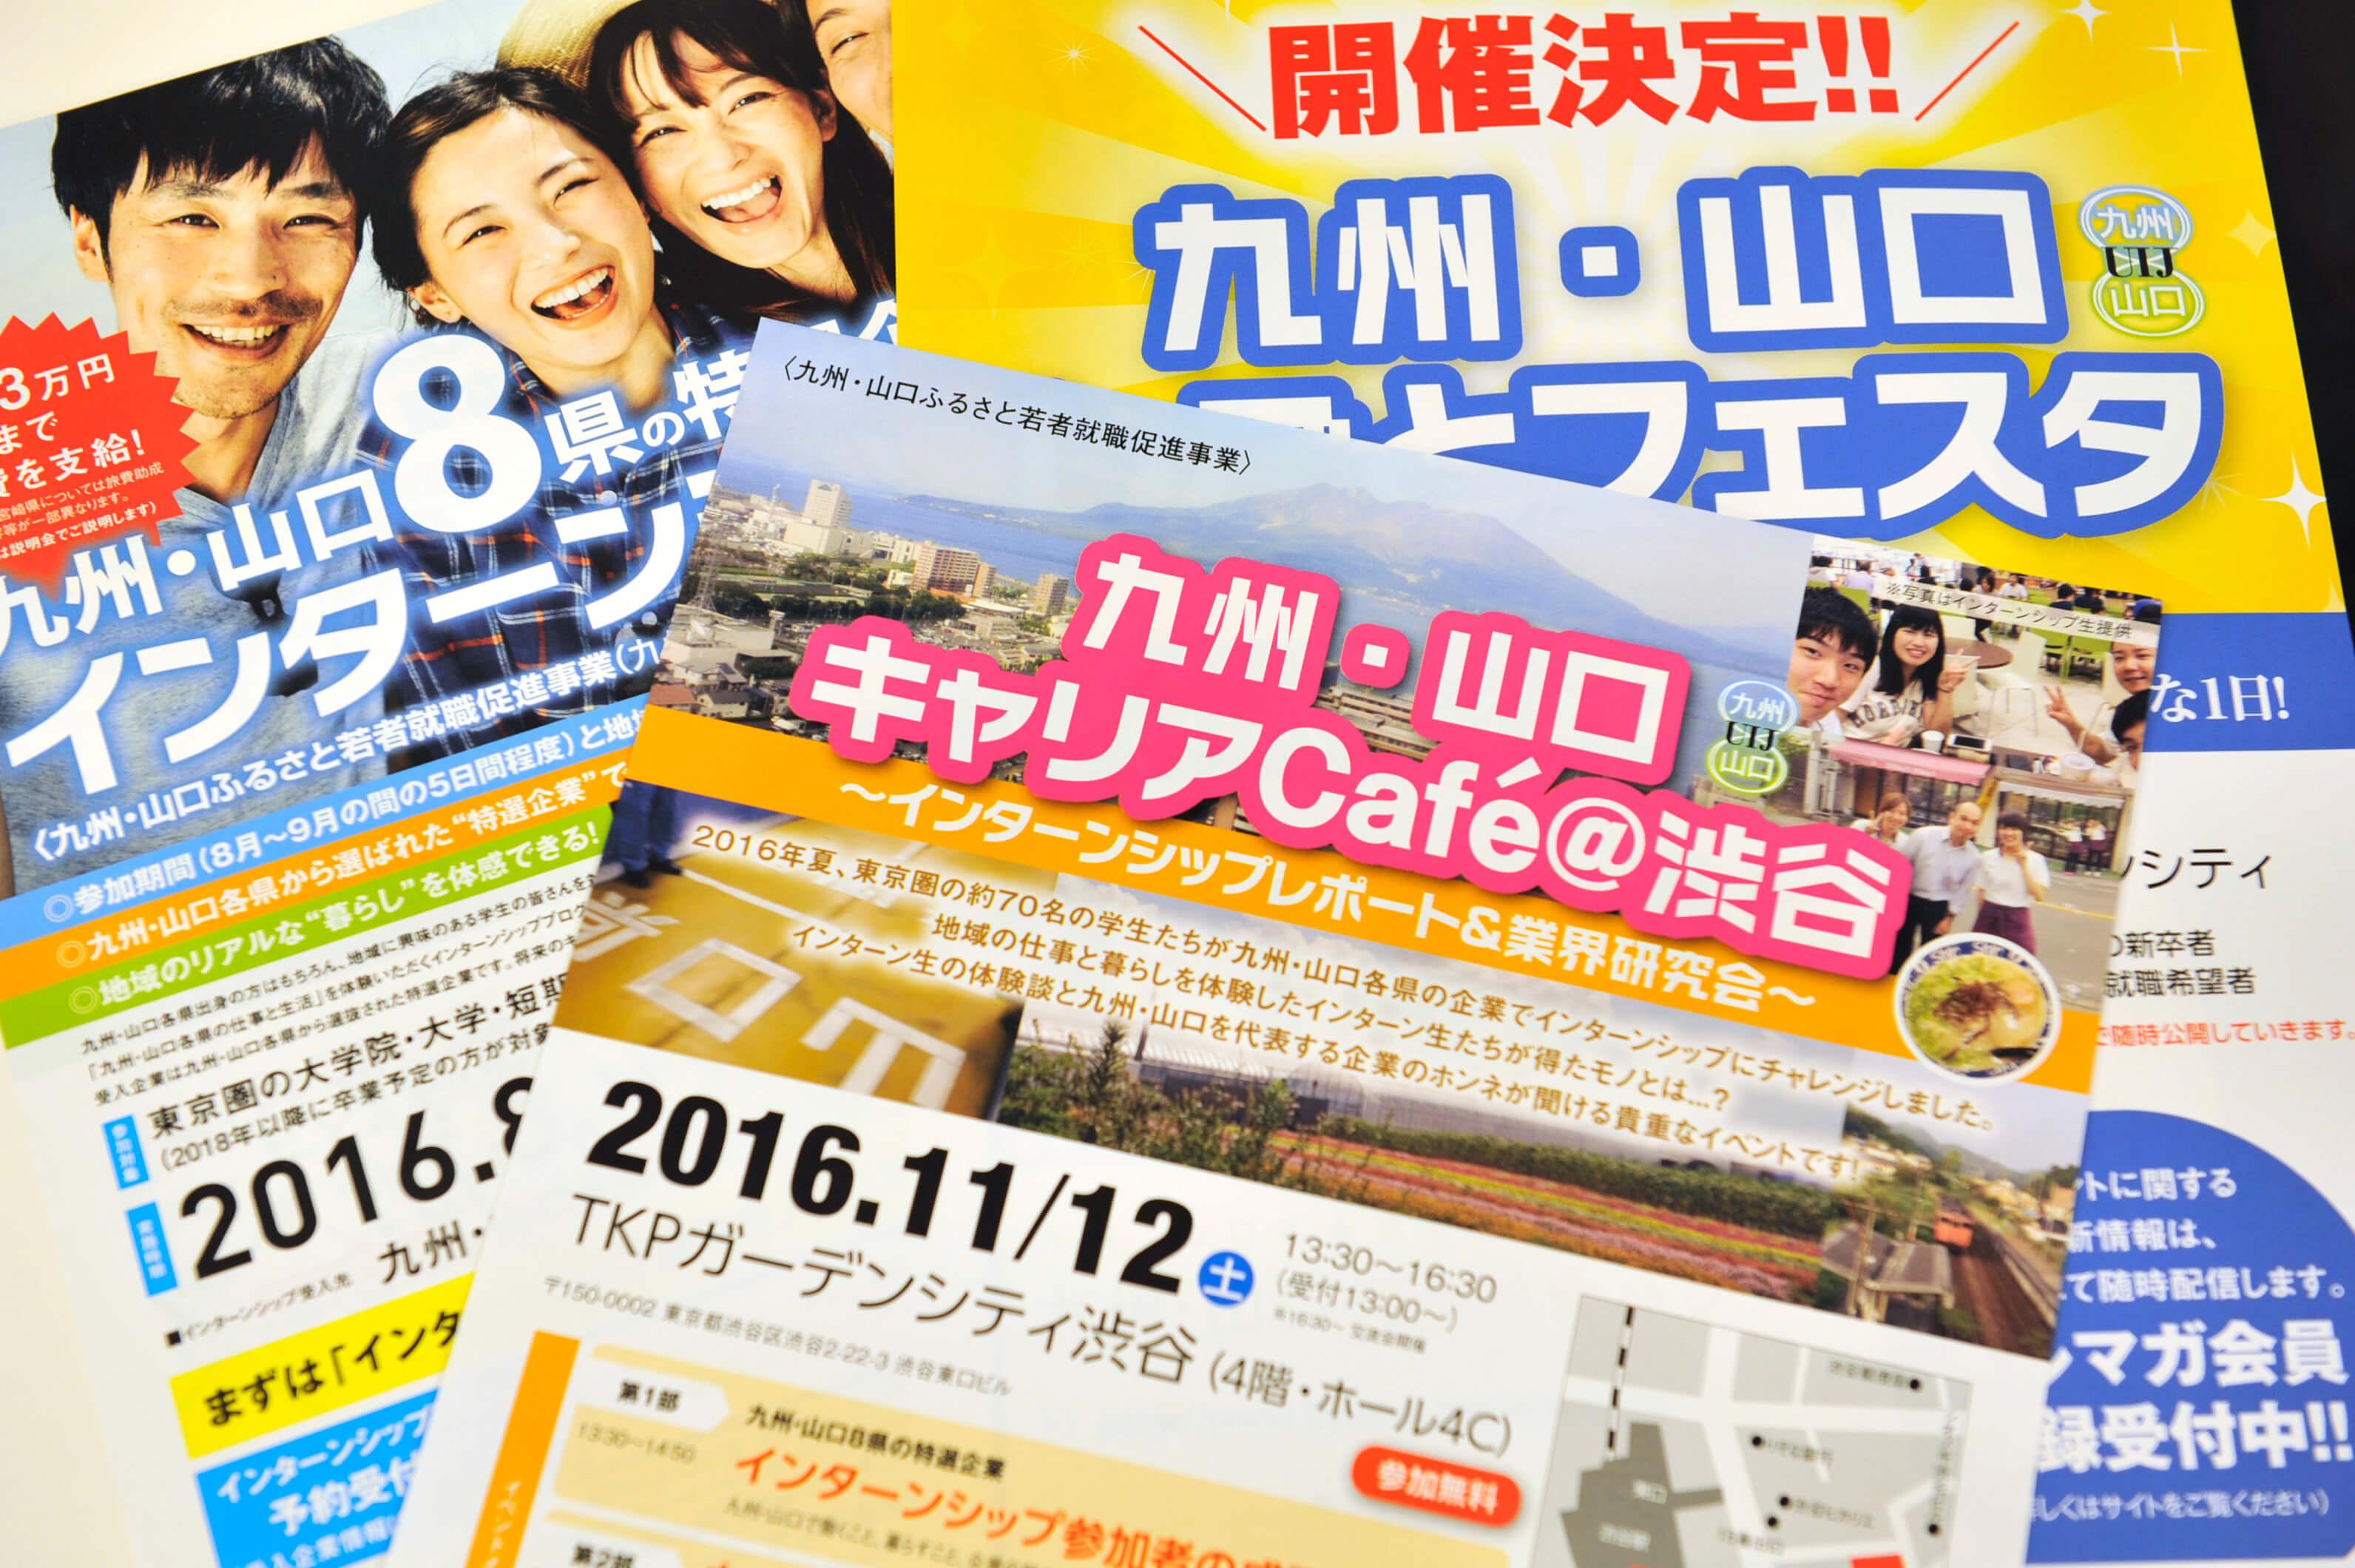 第4回 「九州・山口キャリアcafé@渋谷」イベントレポート